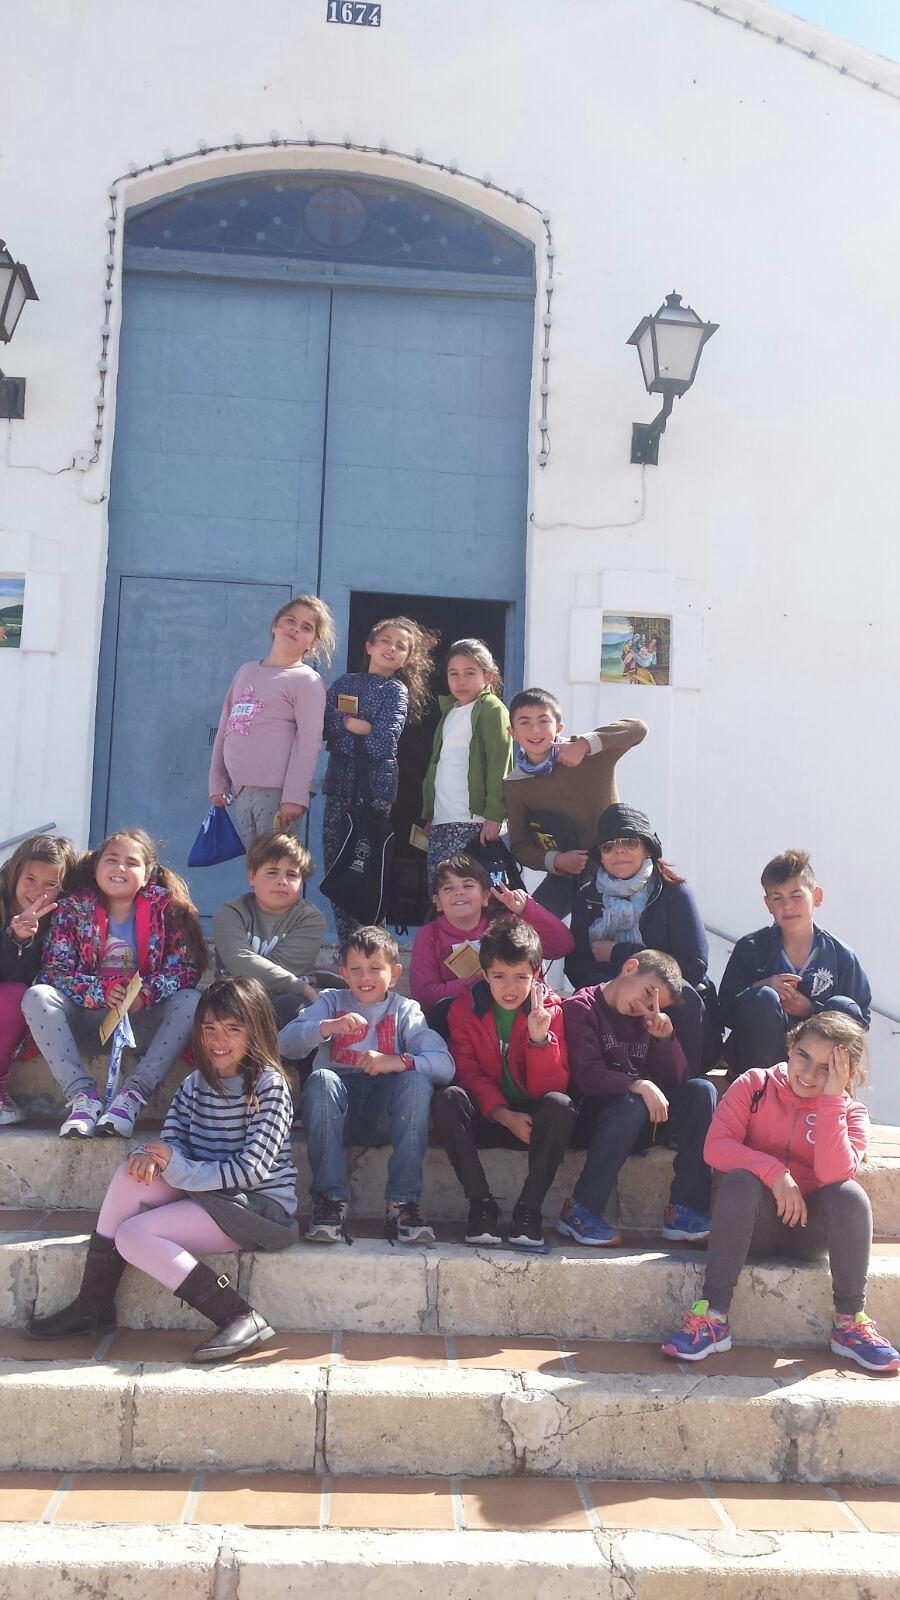 (2017-03-27) - Visita ermita alumnos Laura, profesora religión Reina Sofia - Marzo -  María Isabel Berenguer Brotons (03)